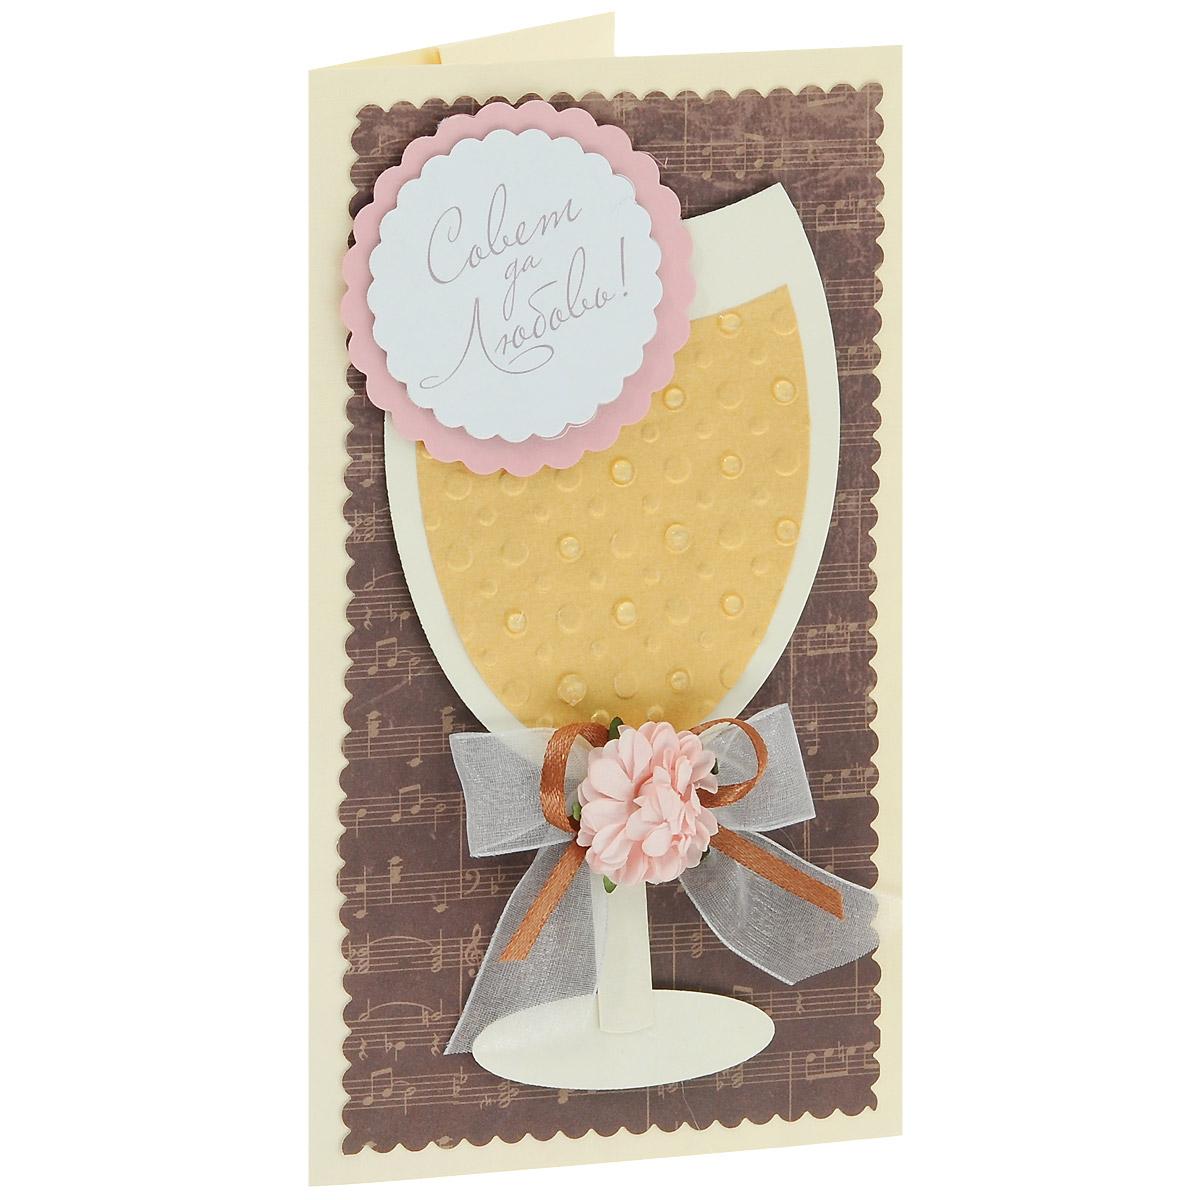 ОСВ-0007 Открытка-конверт «Совет да Любовь!» (бокал). Студия «Тётя Роза»94534Характеристики: Размер 19 см x 11 см.Материал: Высоко-художественный картон, бумага, декор. Данная открытка может стать как прекрасным дополнением к вашему подарку, так и самостоятельным подарком. Так как открытка является и конвертом, в который вы можете вложить ваш денежный подарок или просто написать ваши пожелания на вкладыше. В основе композиционного решения этого свадебного поздравления лежит идея веселого праздничного застолья с большими бокалами наполненными до краёв янтарными напитками. Музыка, цветы и пышные ленты, использованные в дизайне этого конверта, - все это атрибуты праздника, который надолго остается в наших воспоминаниях. Также открытка упакована в пакетик для сохранности.Обращаем Ваше внимание на то, что открытка может незначительно отличаться от представленной на фото. Открытки ручной работы от студии Тётя Роза отличаются своим неповторимым и ярким стилем. Каждая уникальна и выполнена вручную мастерами студии. (Открытка для мужчин, открытка для женщины, открытка на день рождения, открытка с днем свадьбы, открытка винтаж, открытка с юбилеем, открытка на все случаи, скрапбукинг)